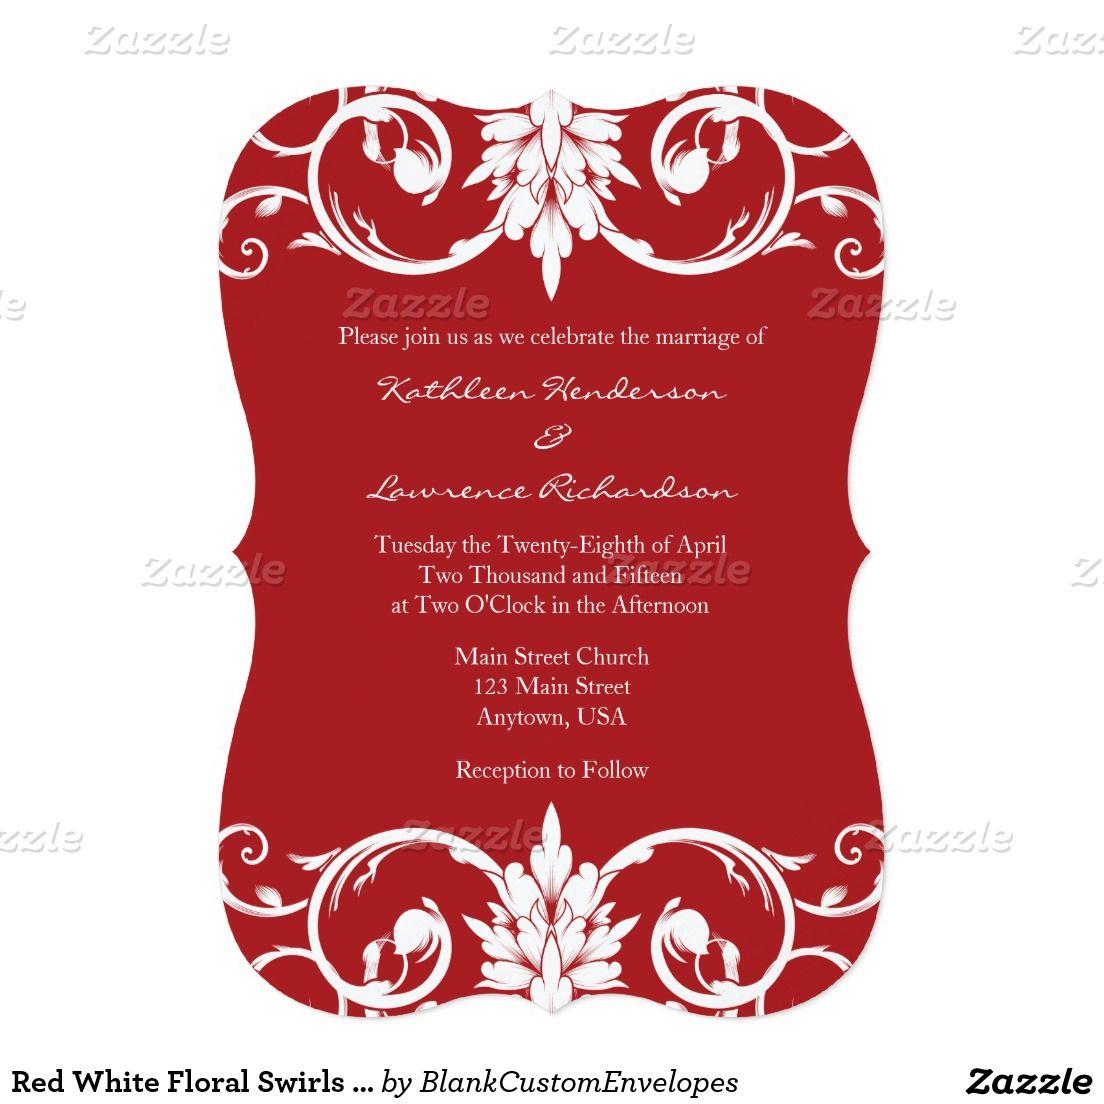 Red White Floral Swirls Bracket Wedding Invitation | Floral ...